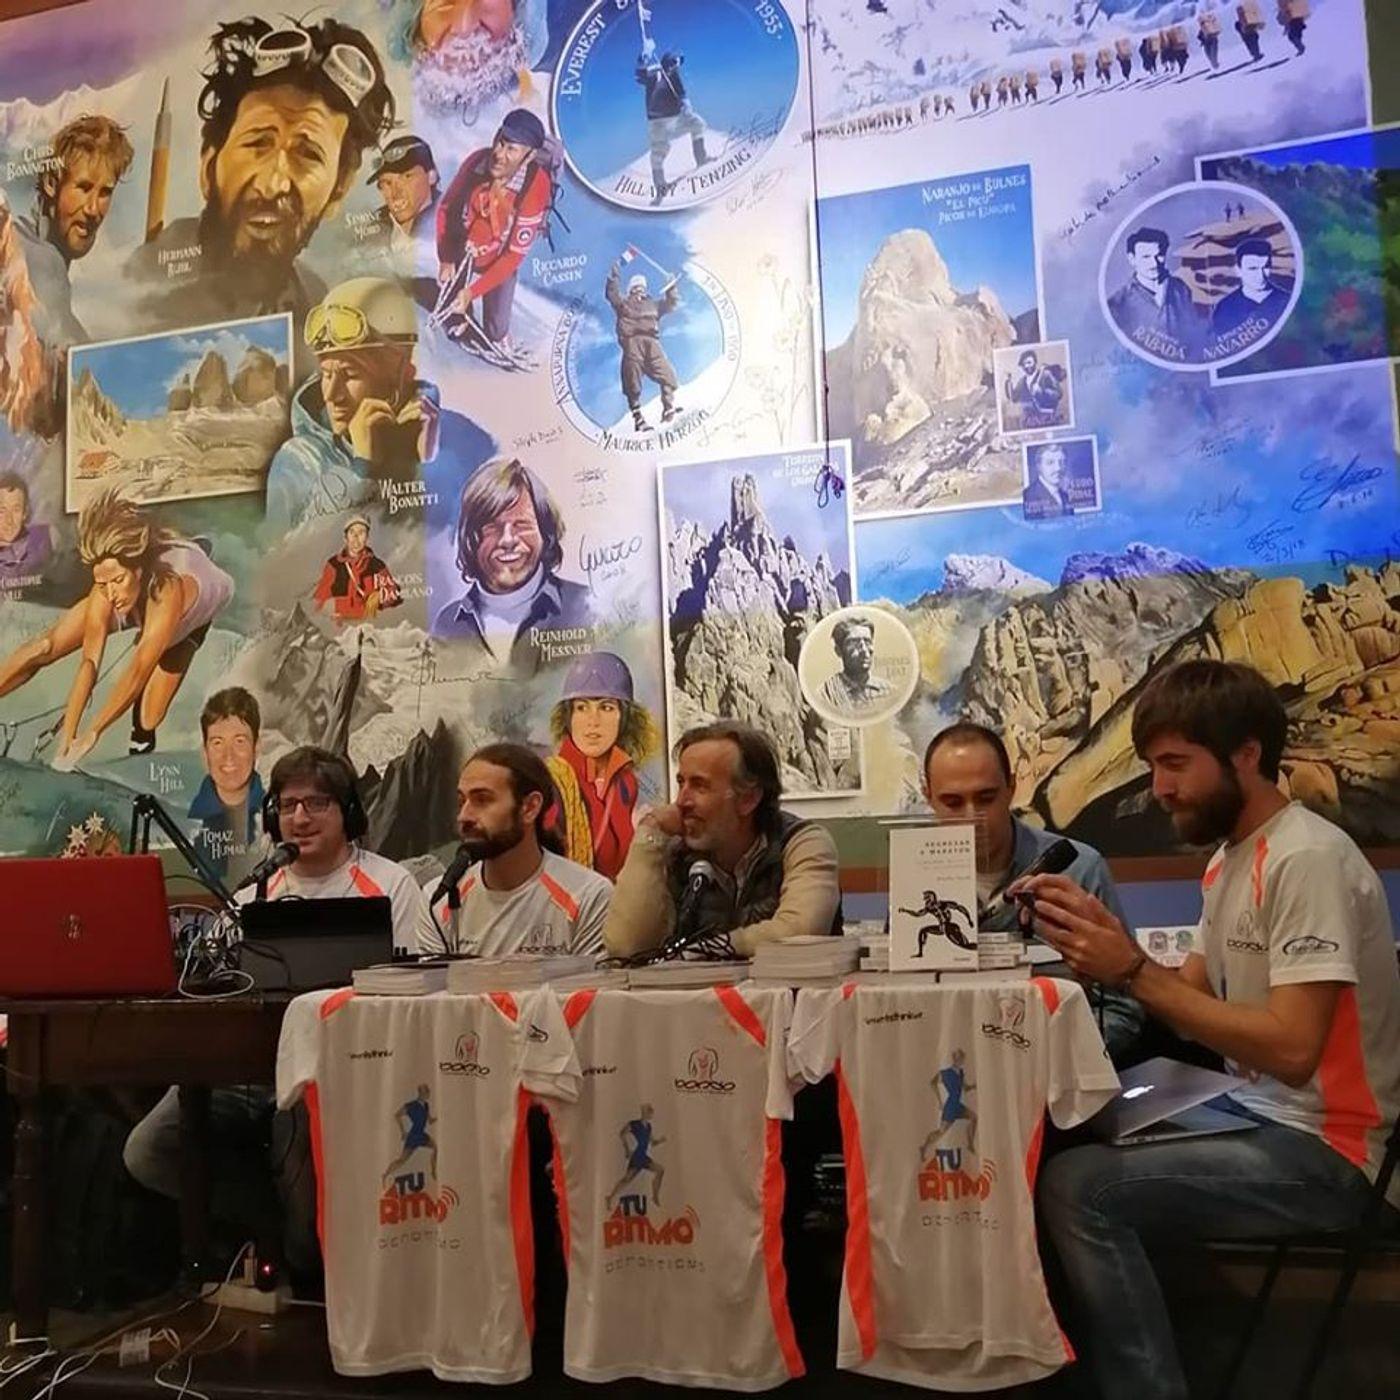 ATR 9 x15 - Libros de Running, entrevista a Adharanand Finn